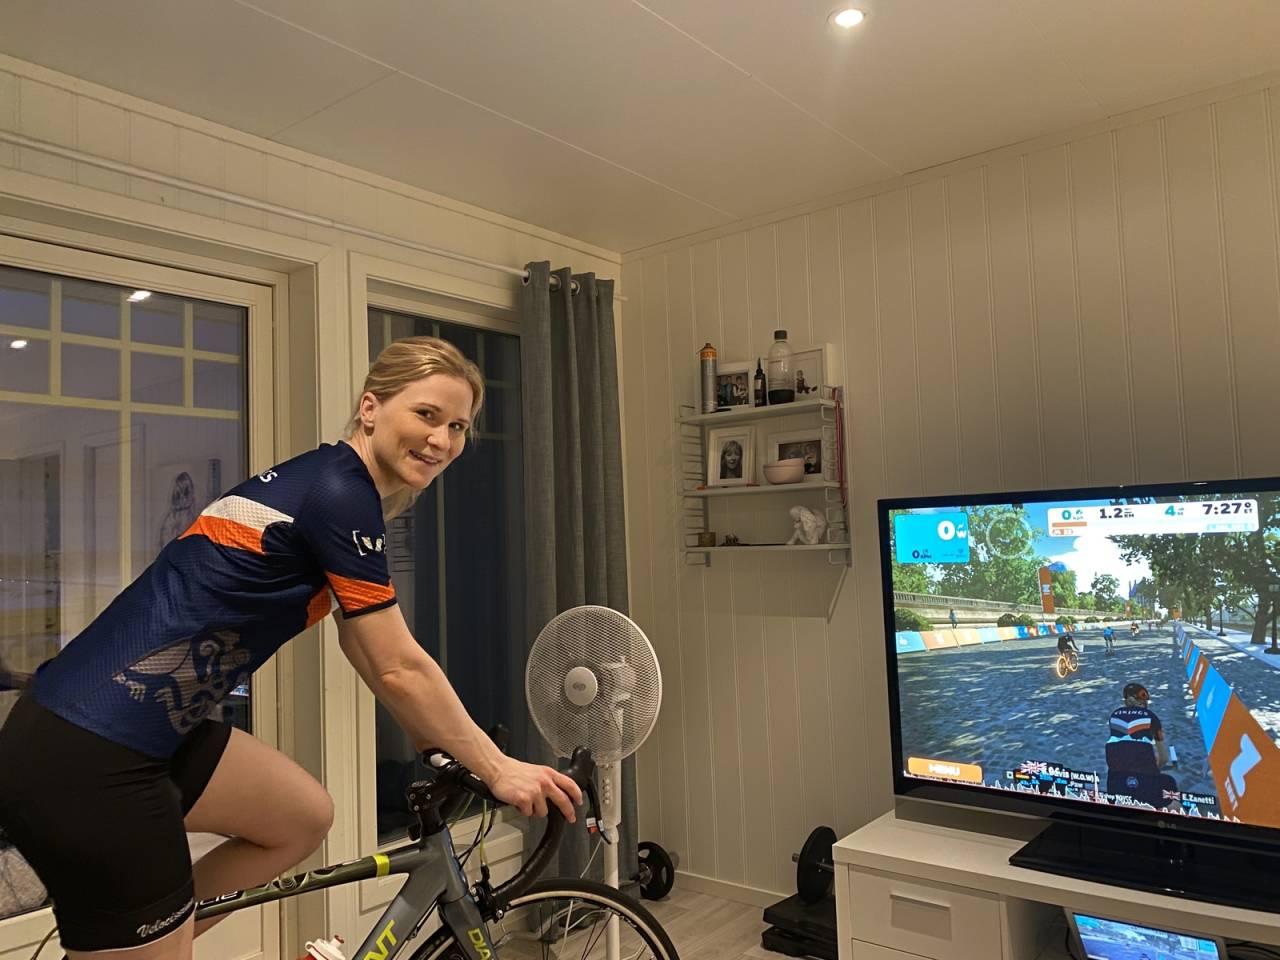 Veronica Kristiansen begynte med Zwift for å kunne trene uten å måtte gå fra ungene